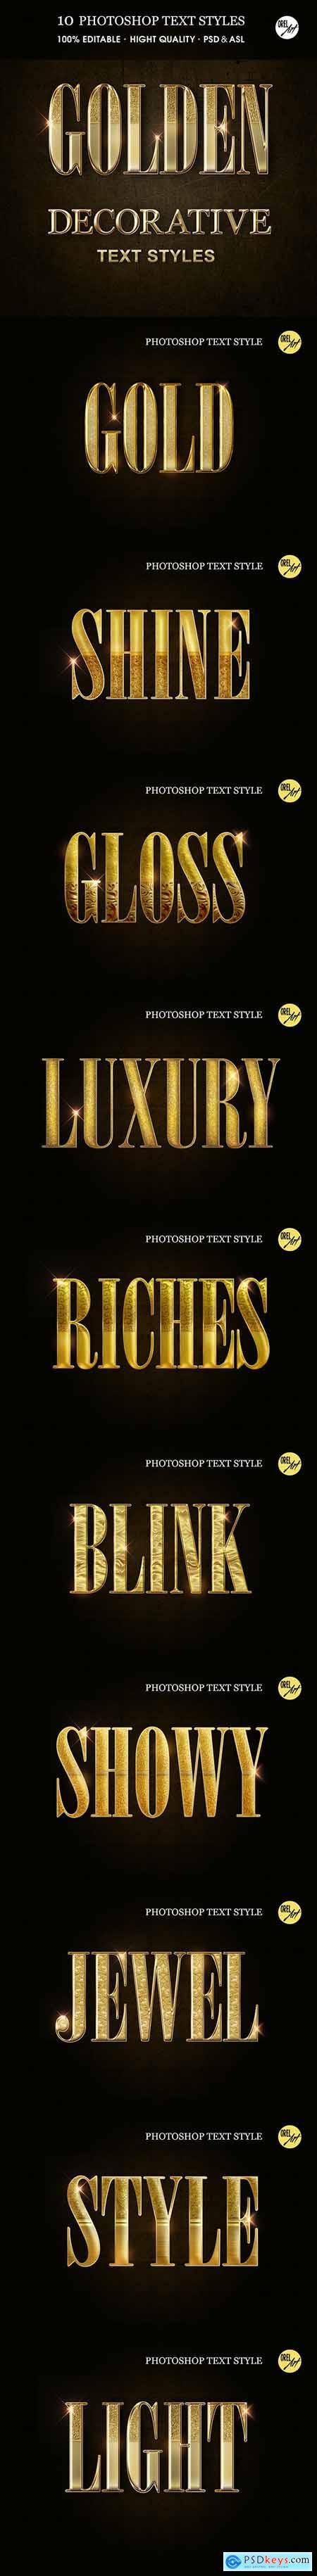 Golden Decorative Text Styles 30375826